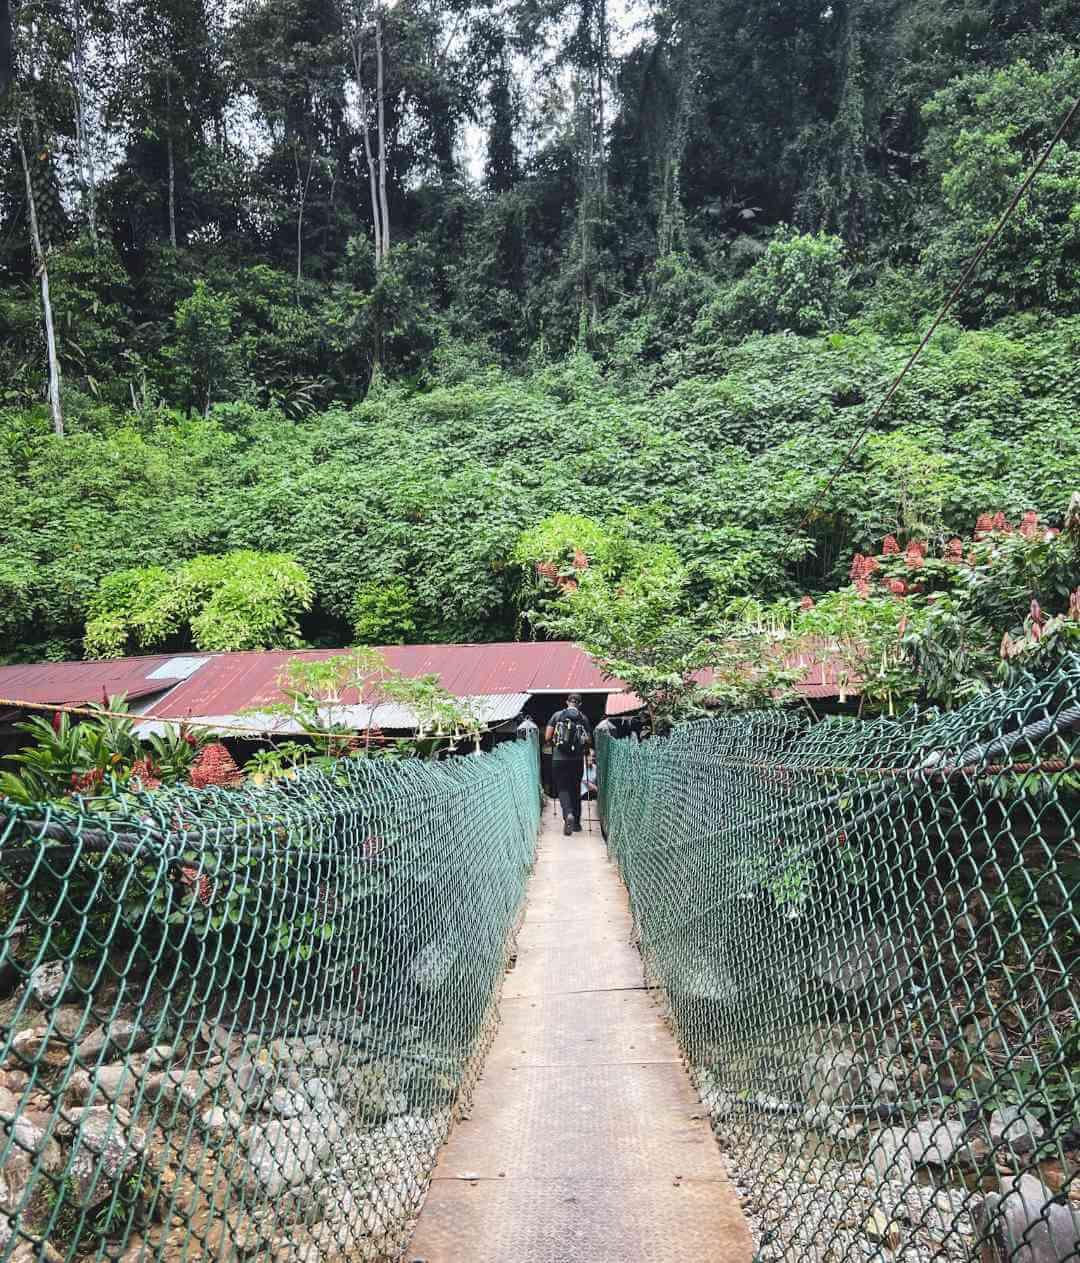 Puentes colgantes de Ciudad Perdida Colombia